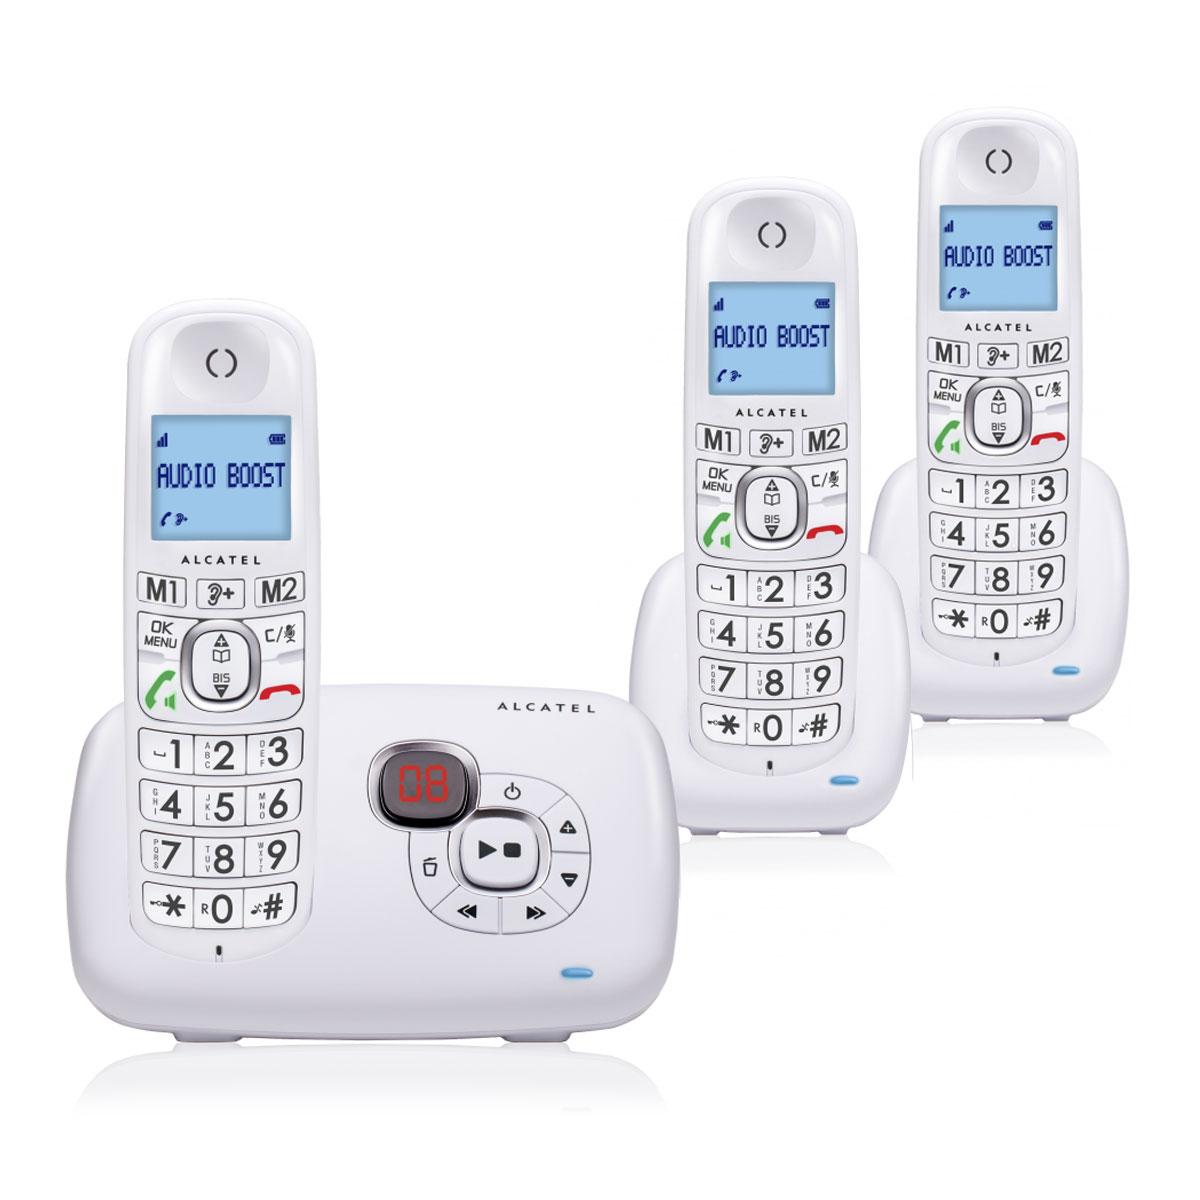 Téléphone sans fil Alcatel XL 385 Voice Trio Blanc Téléphone sans fil avec répondeur et 2 combinés supplémentaires